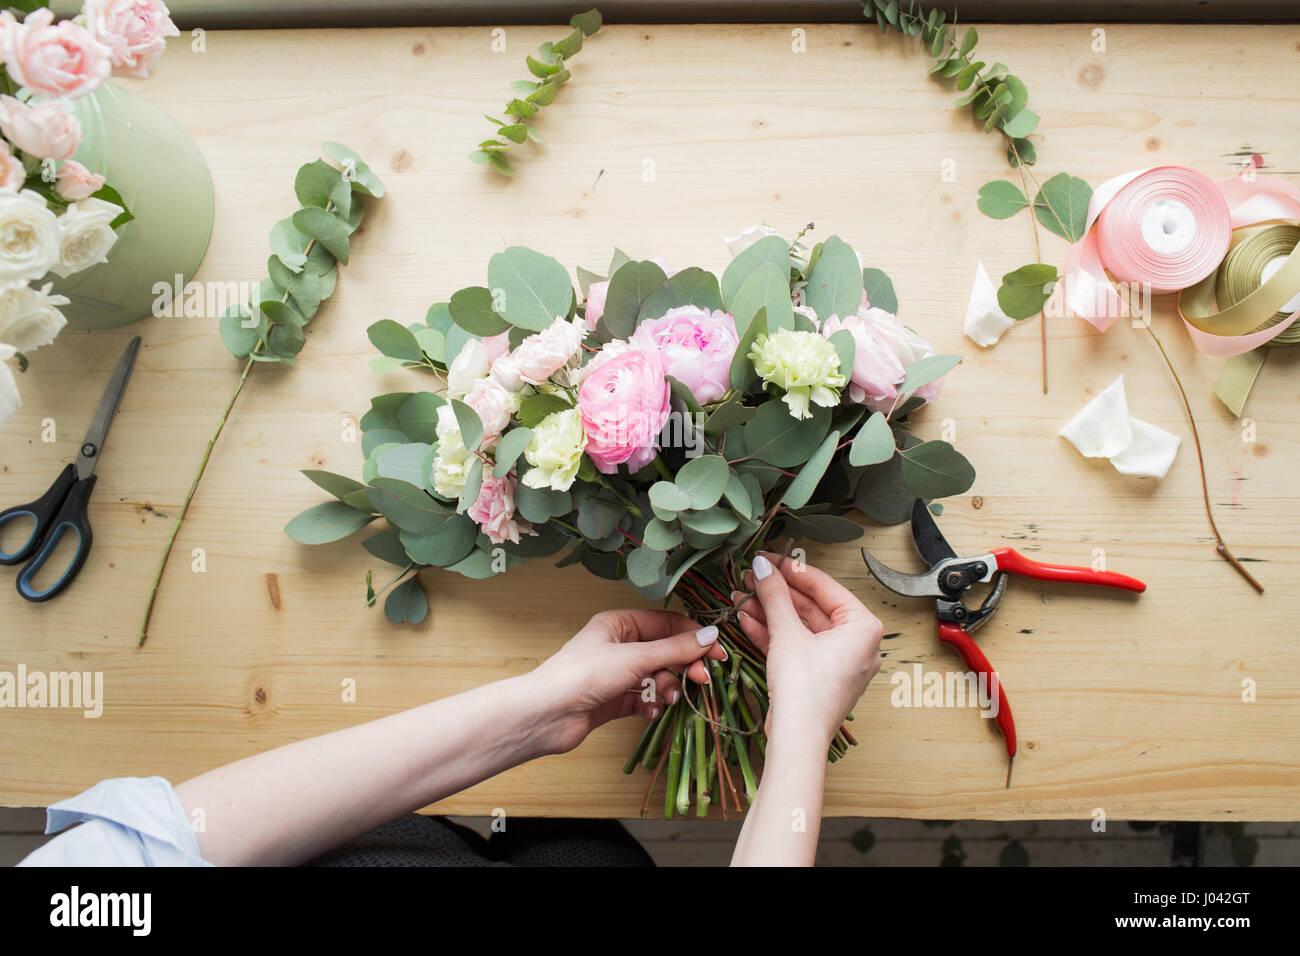 Blumengeschäft am Arbeitsplatz: hübsche junge Frau, die Mode moderne Blumenstrauß aus verschiedenen Stockbild